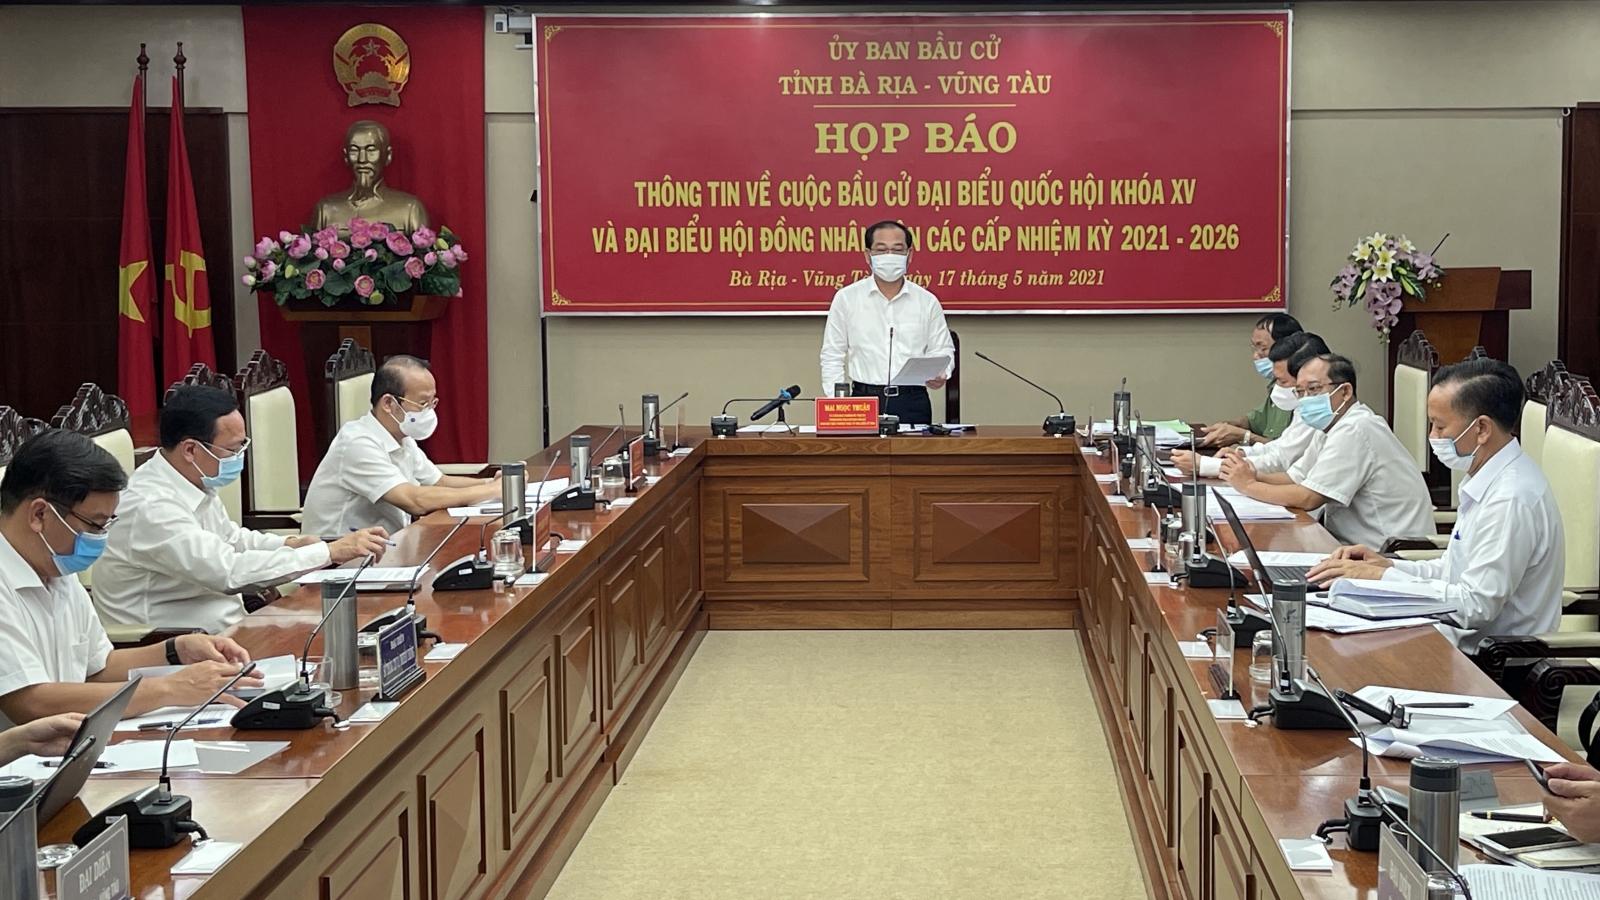 3 ứng viên đại biểu HĐND ở Bà Rịa – Vũng Tàu bị xoá tên khỏi danh sách